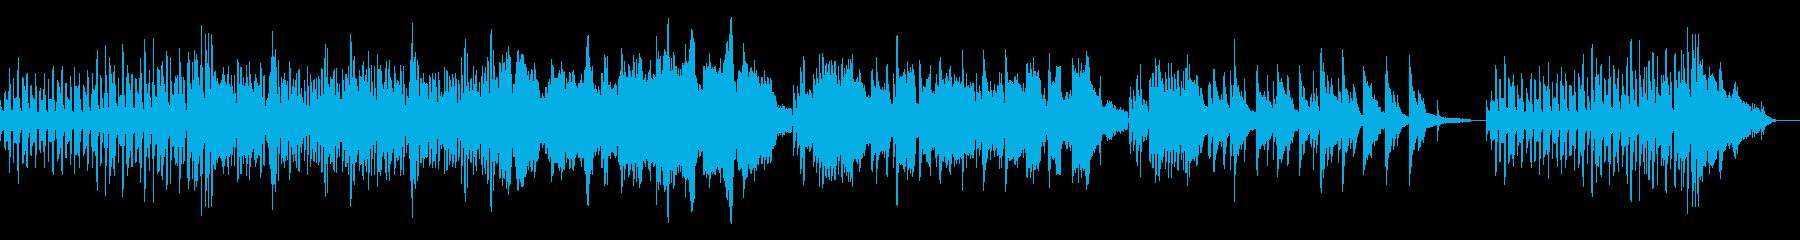 ノスタルジックな雰囲気の曲の再生済みの波形